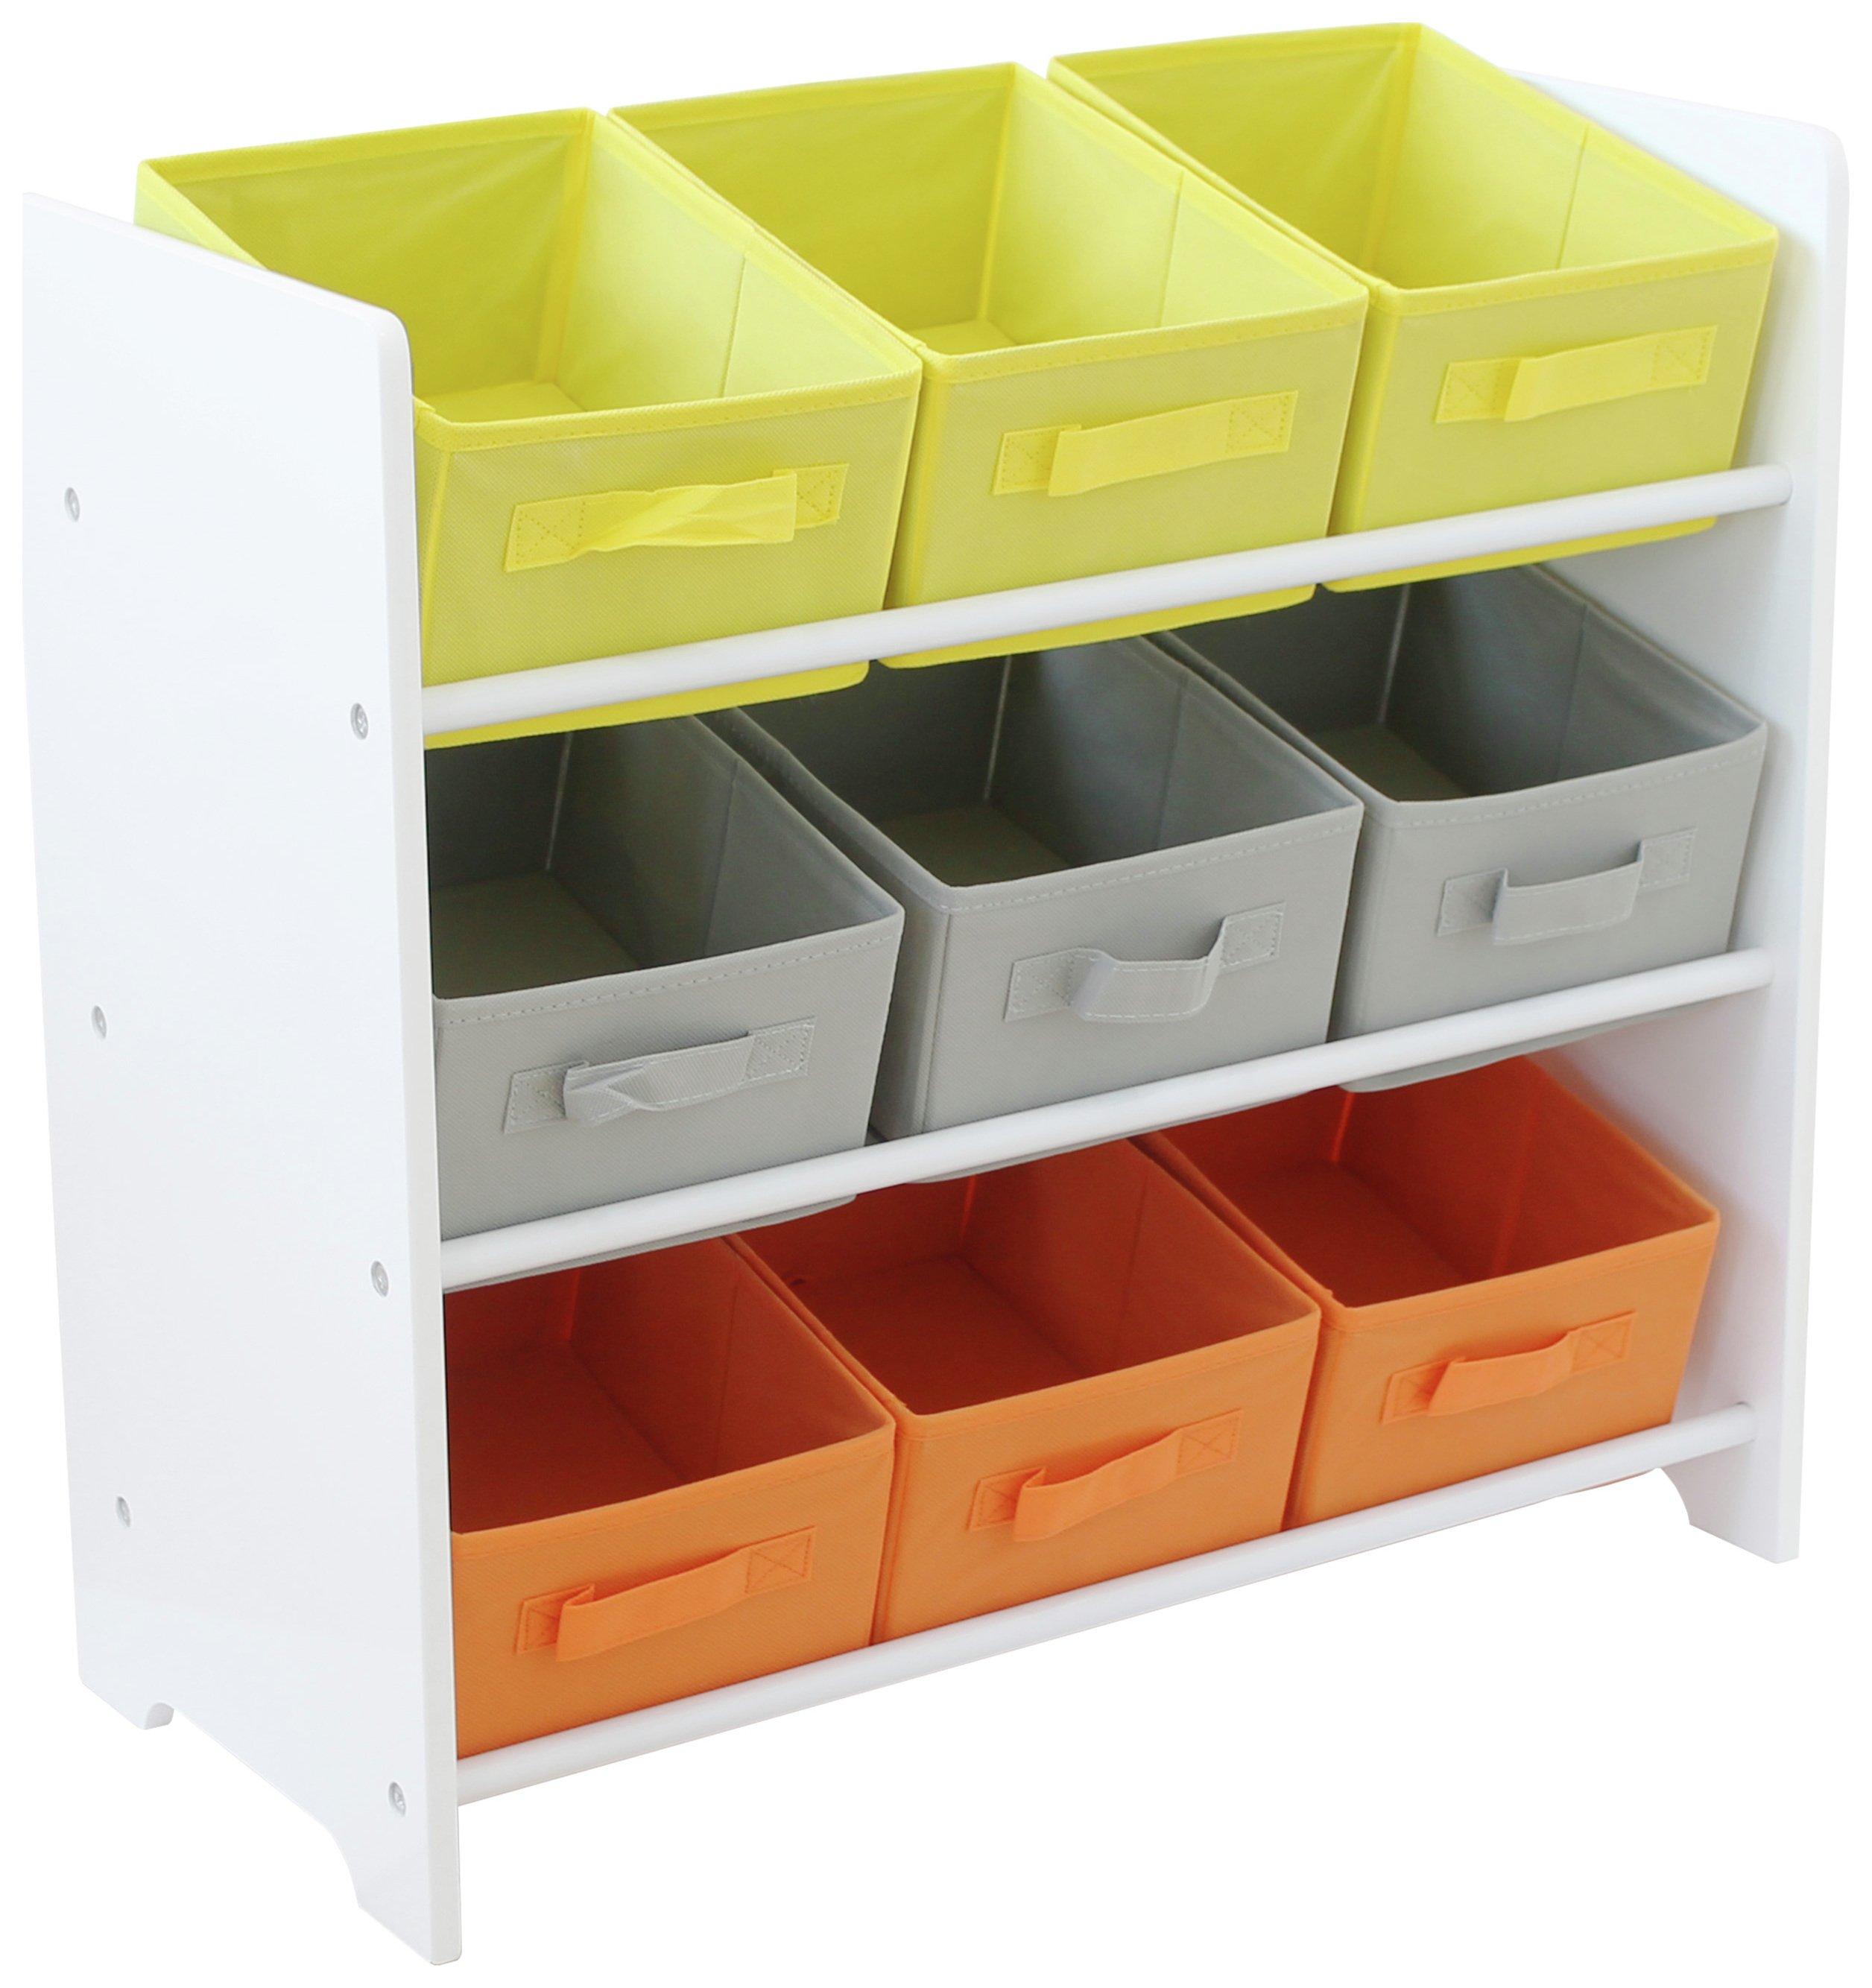 Argos Home 3 Tier White Kids Basket Storage Unit